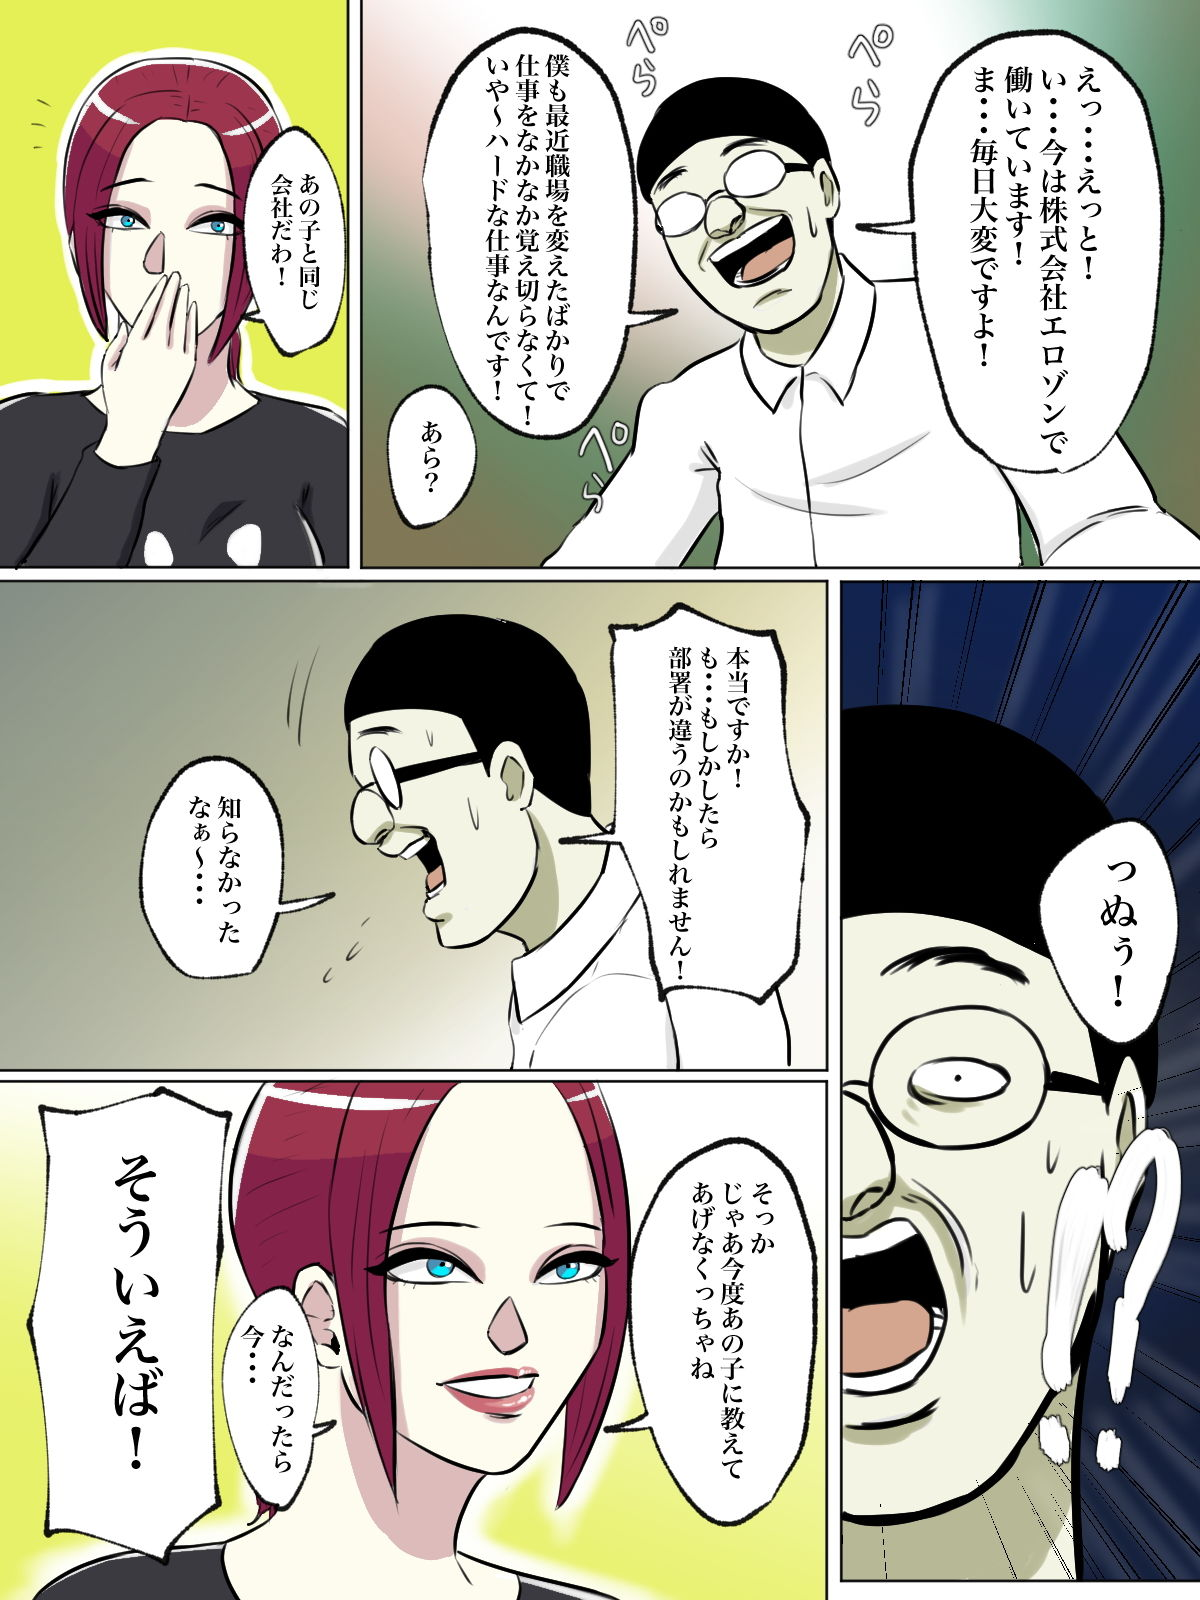 【フルカラー版】友達の母親がトイレ中なら侵入するしかない!のサンプル画像6